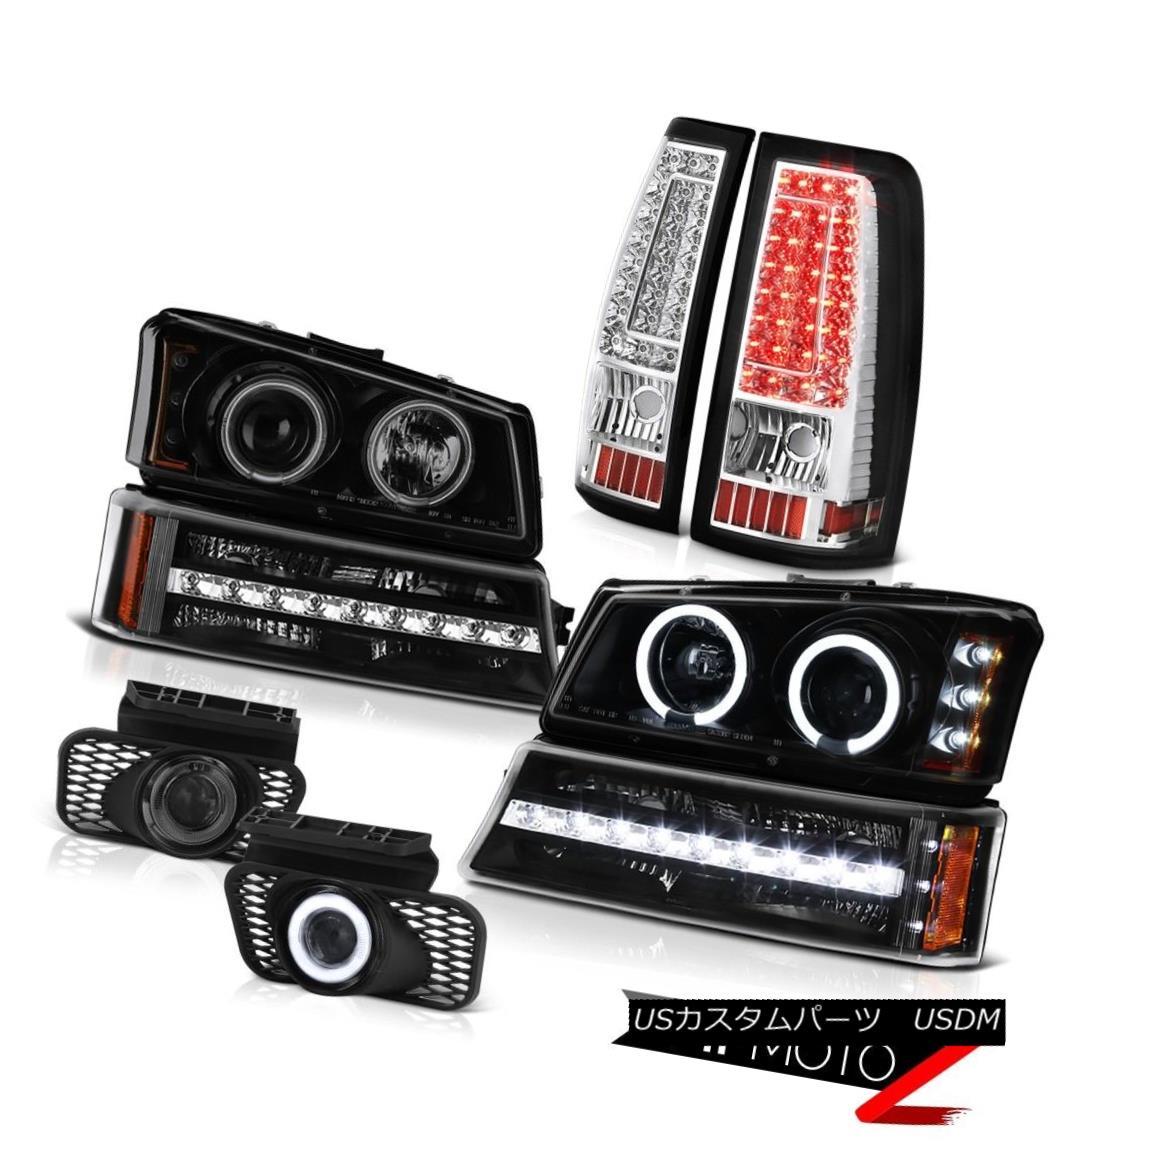 テールライト 03-06 Silverado 3500Hd Foglamps Taillamps Inky Black Turn Signal Headlights LED 03-06 Silverado 3500Hd Foglamps Taillamps Inky Black TurnシグナルヘッドライトLED